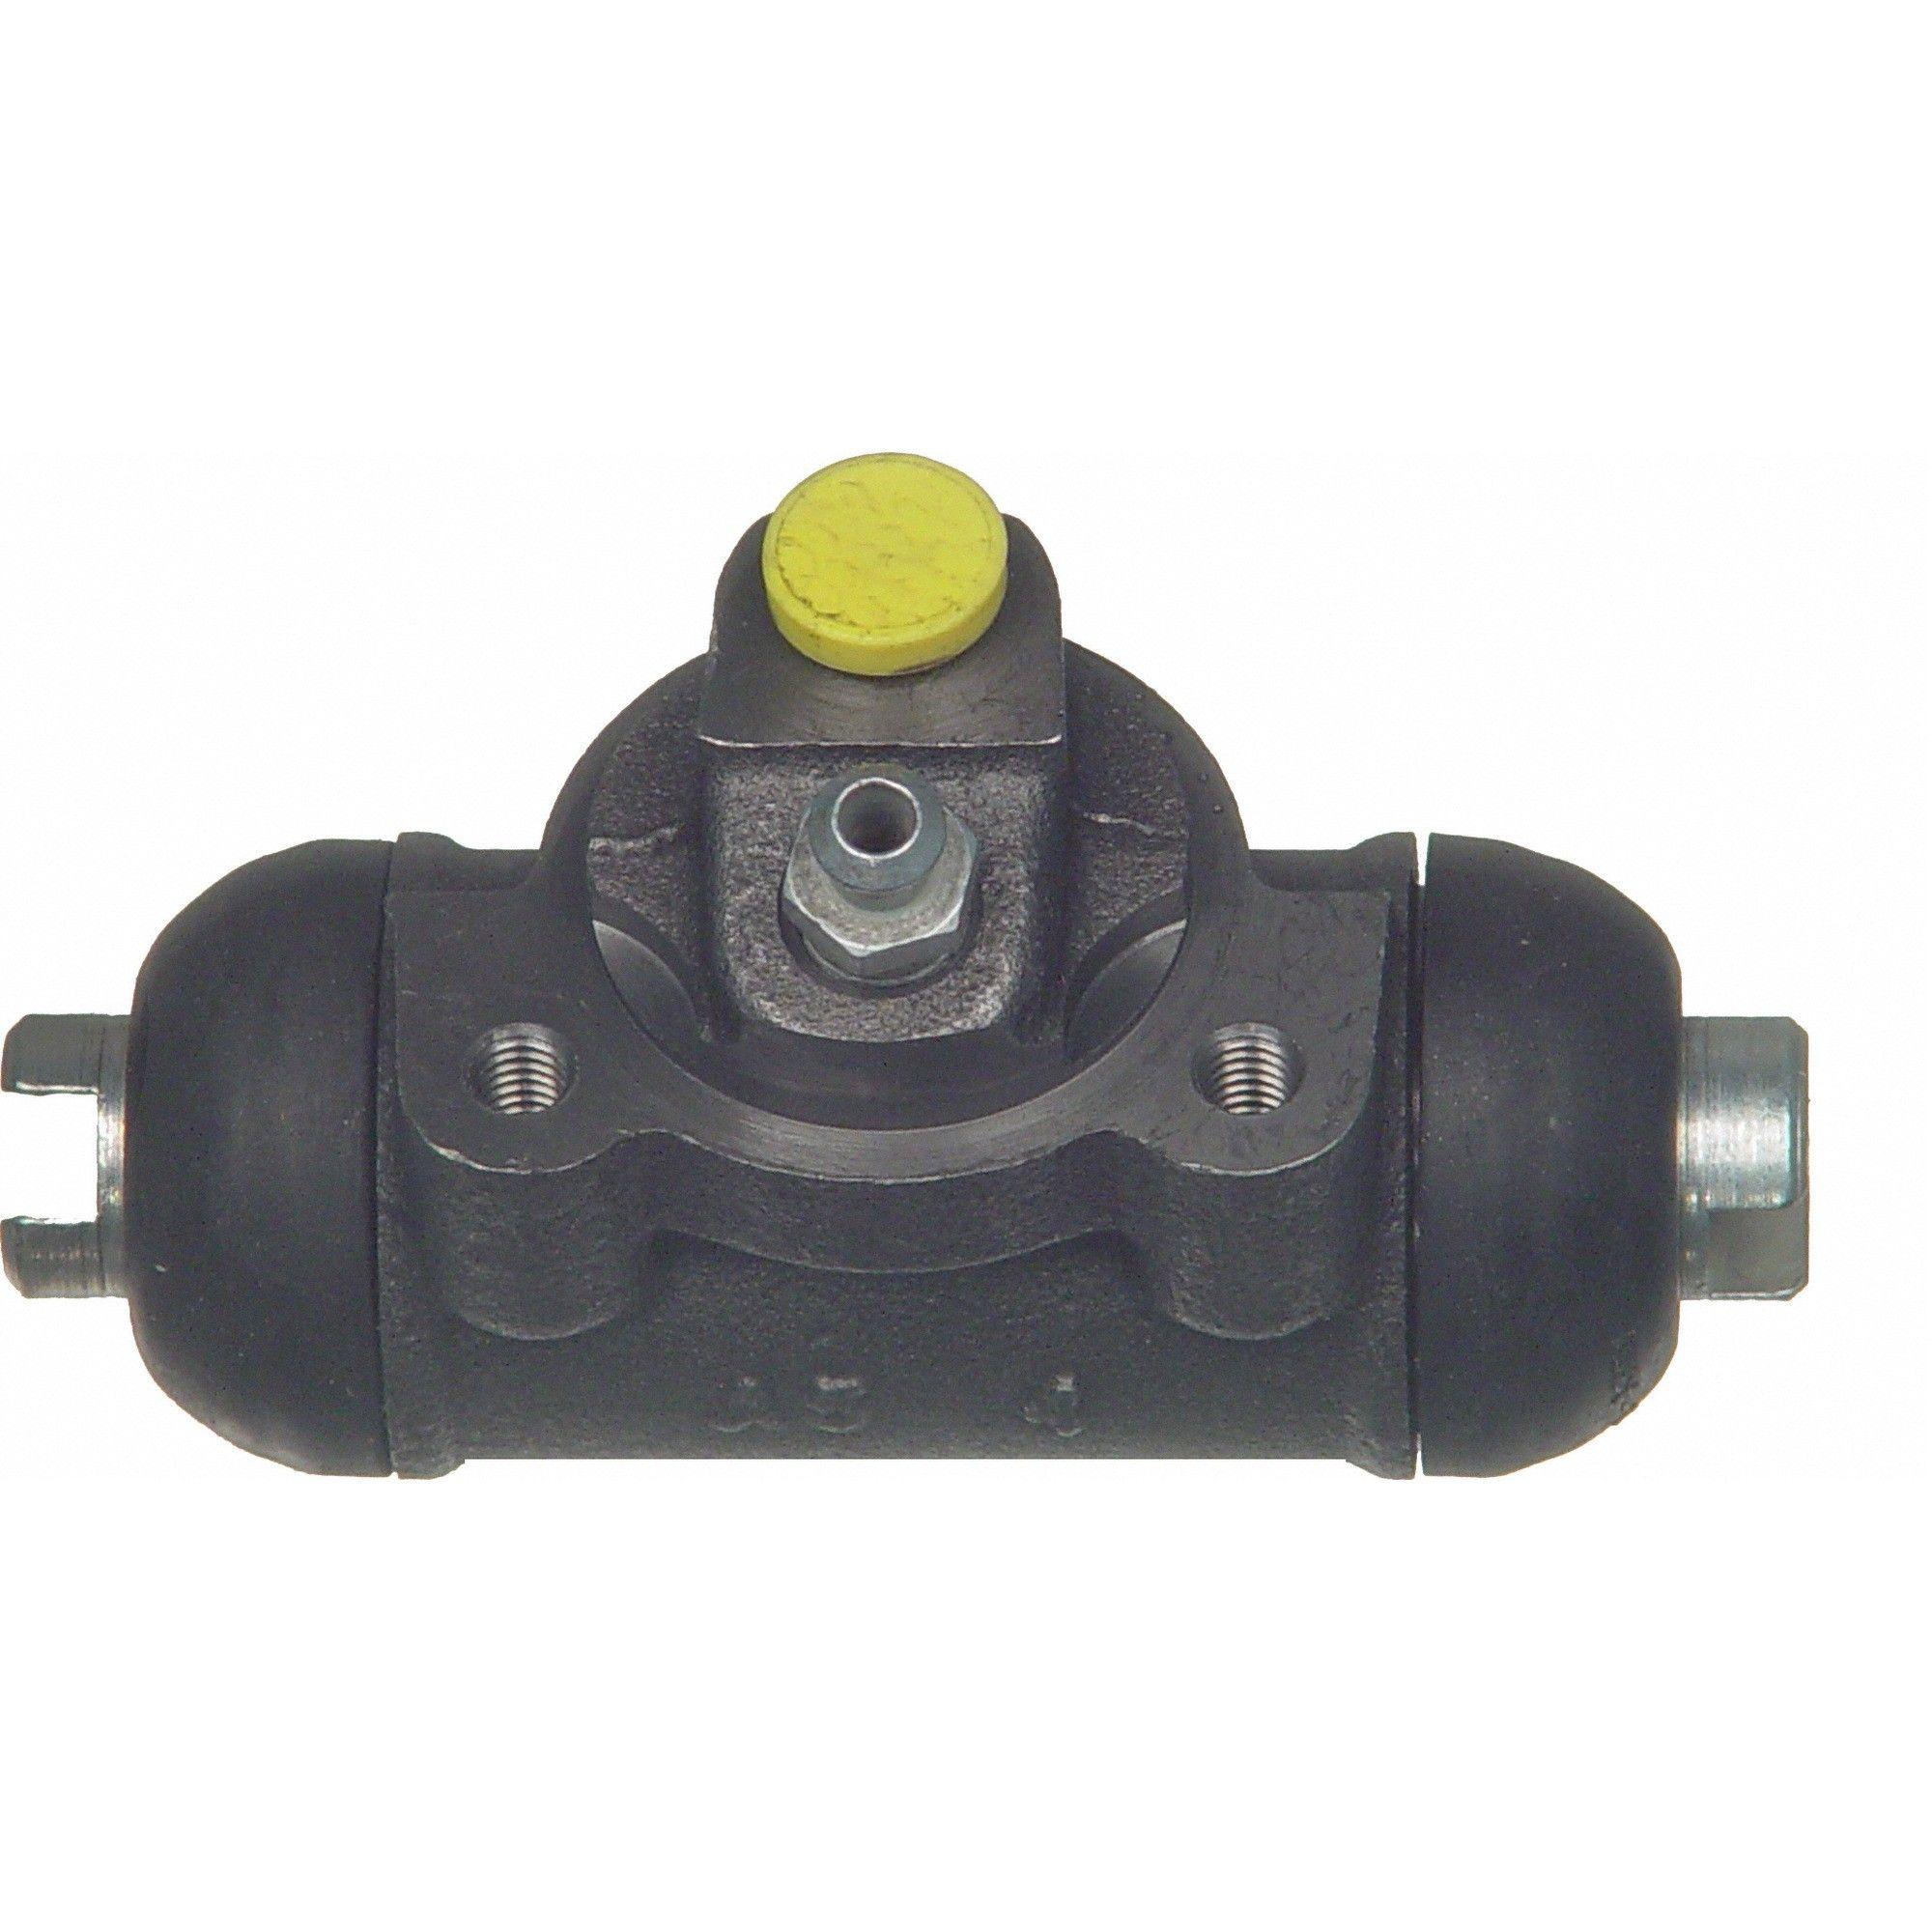 Centric Parts 134.43001 Drum Brake Wheel Cylinder